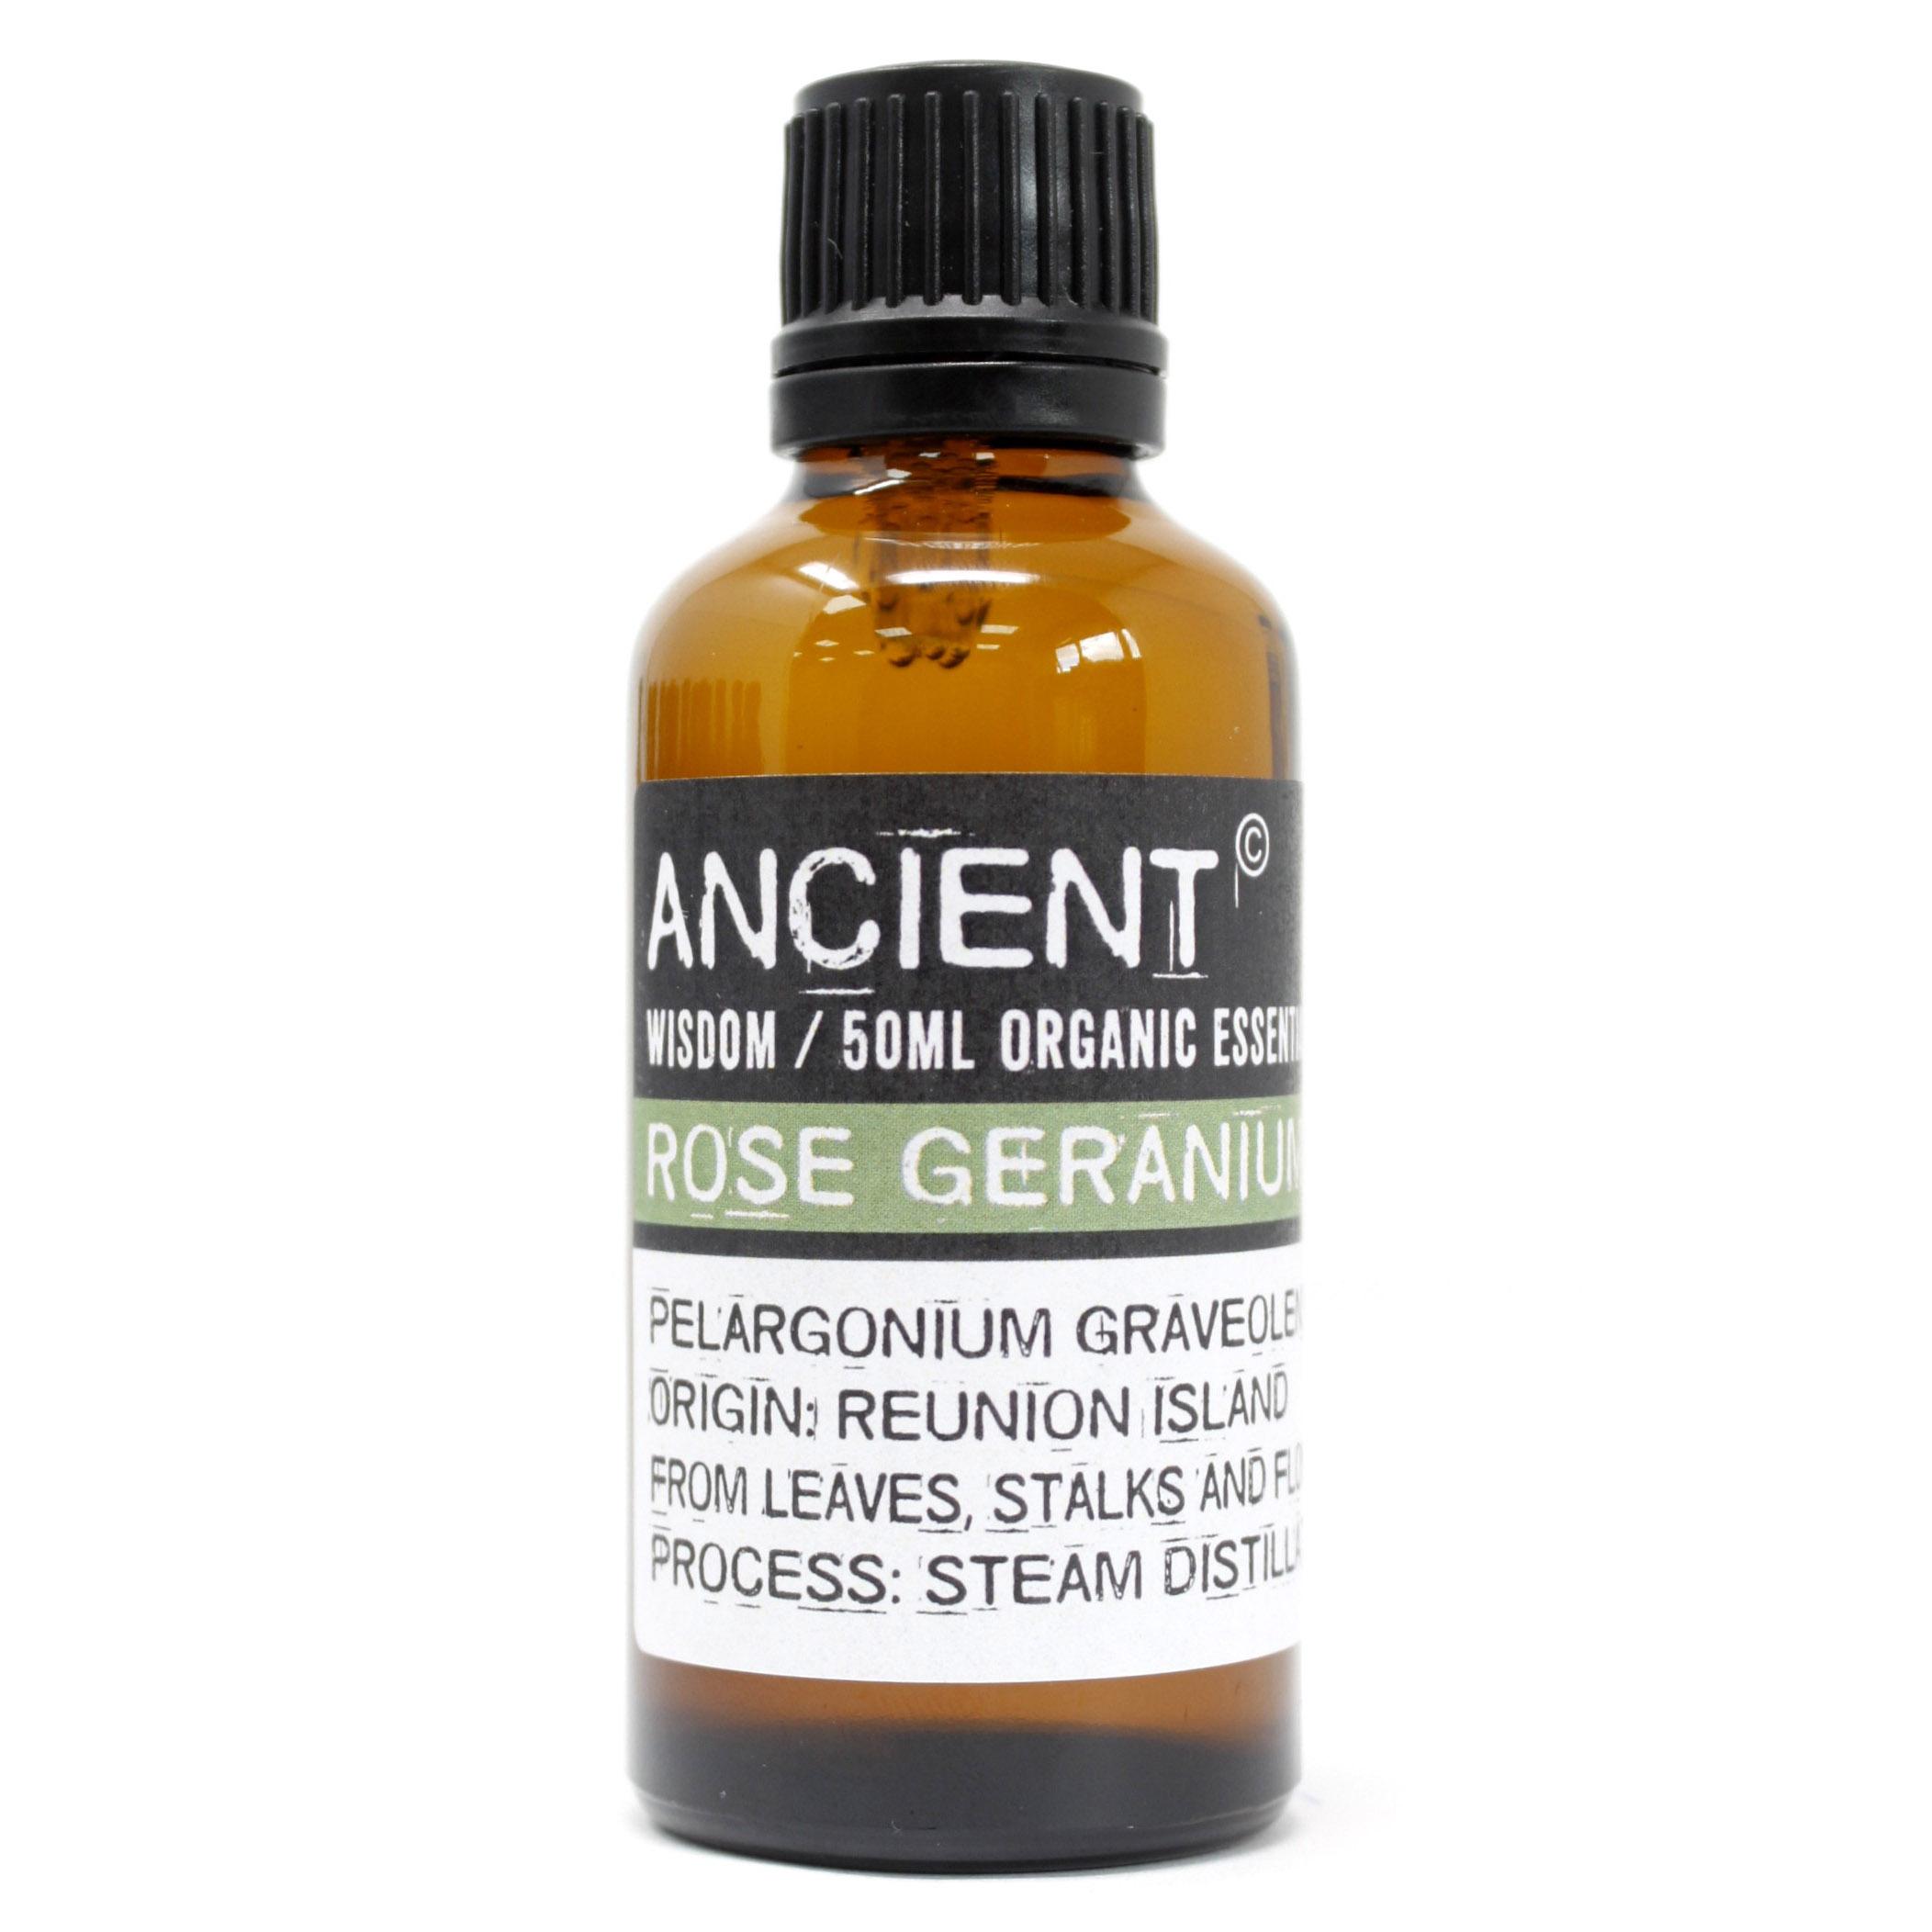 Rose Geranium Organic Essential Oil 50ml